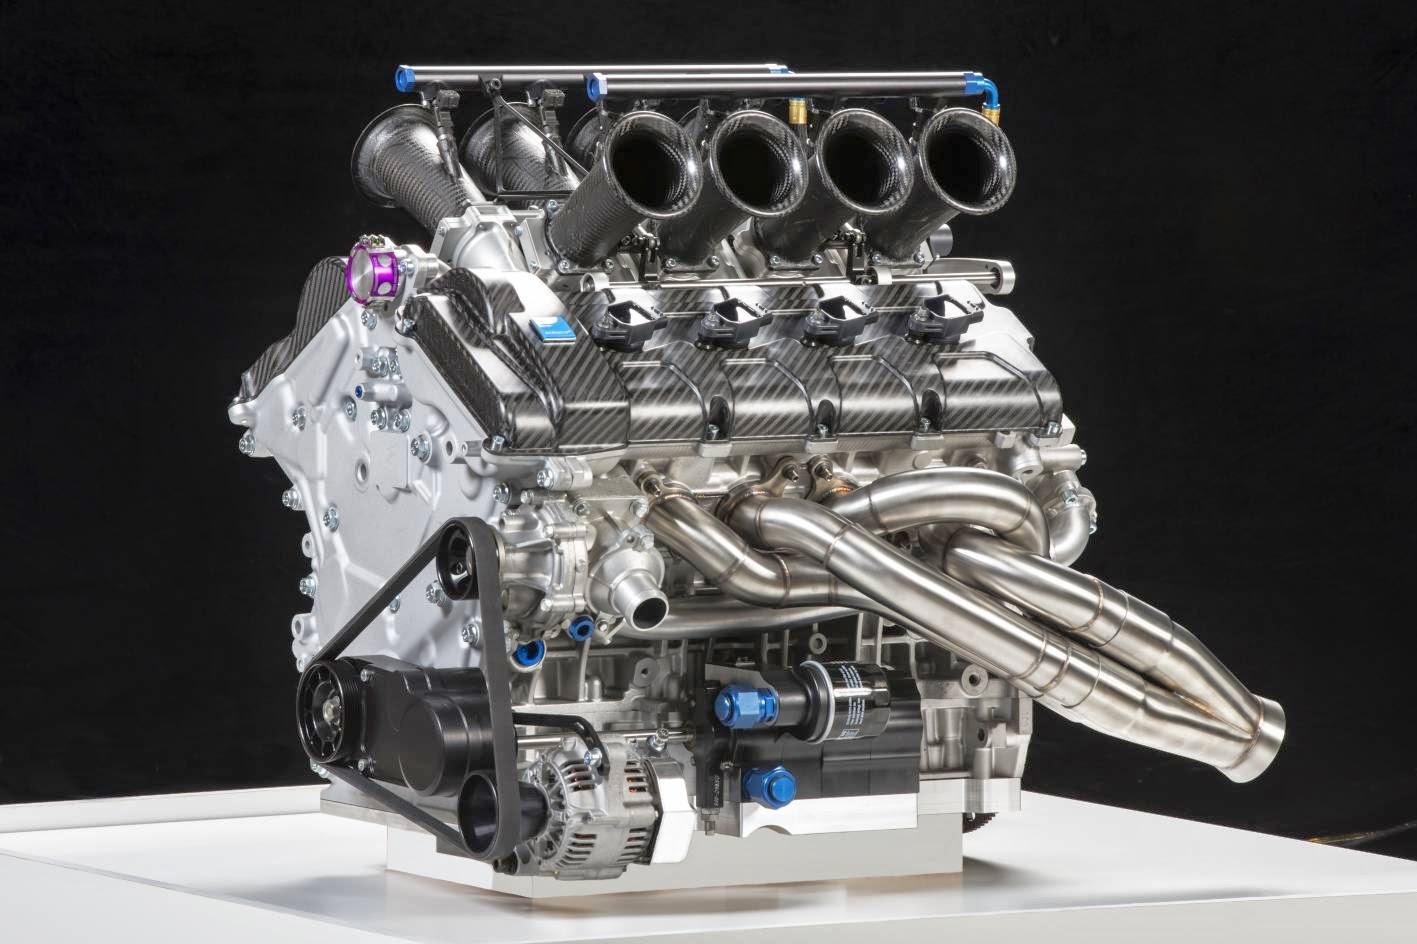 Motorsport: 650 PS Starker Polestar Racing V8 Motor Auf